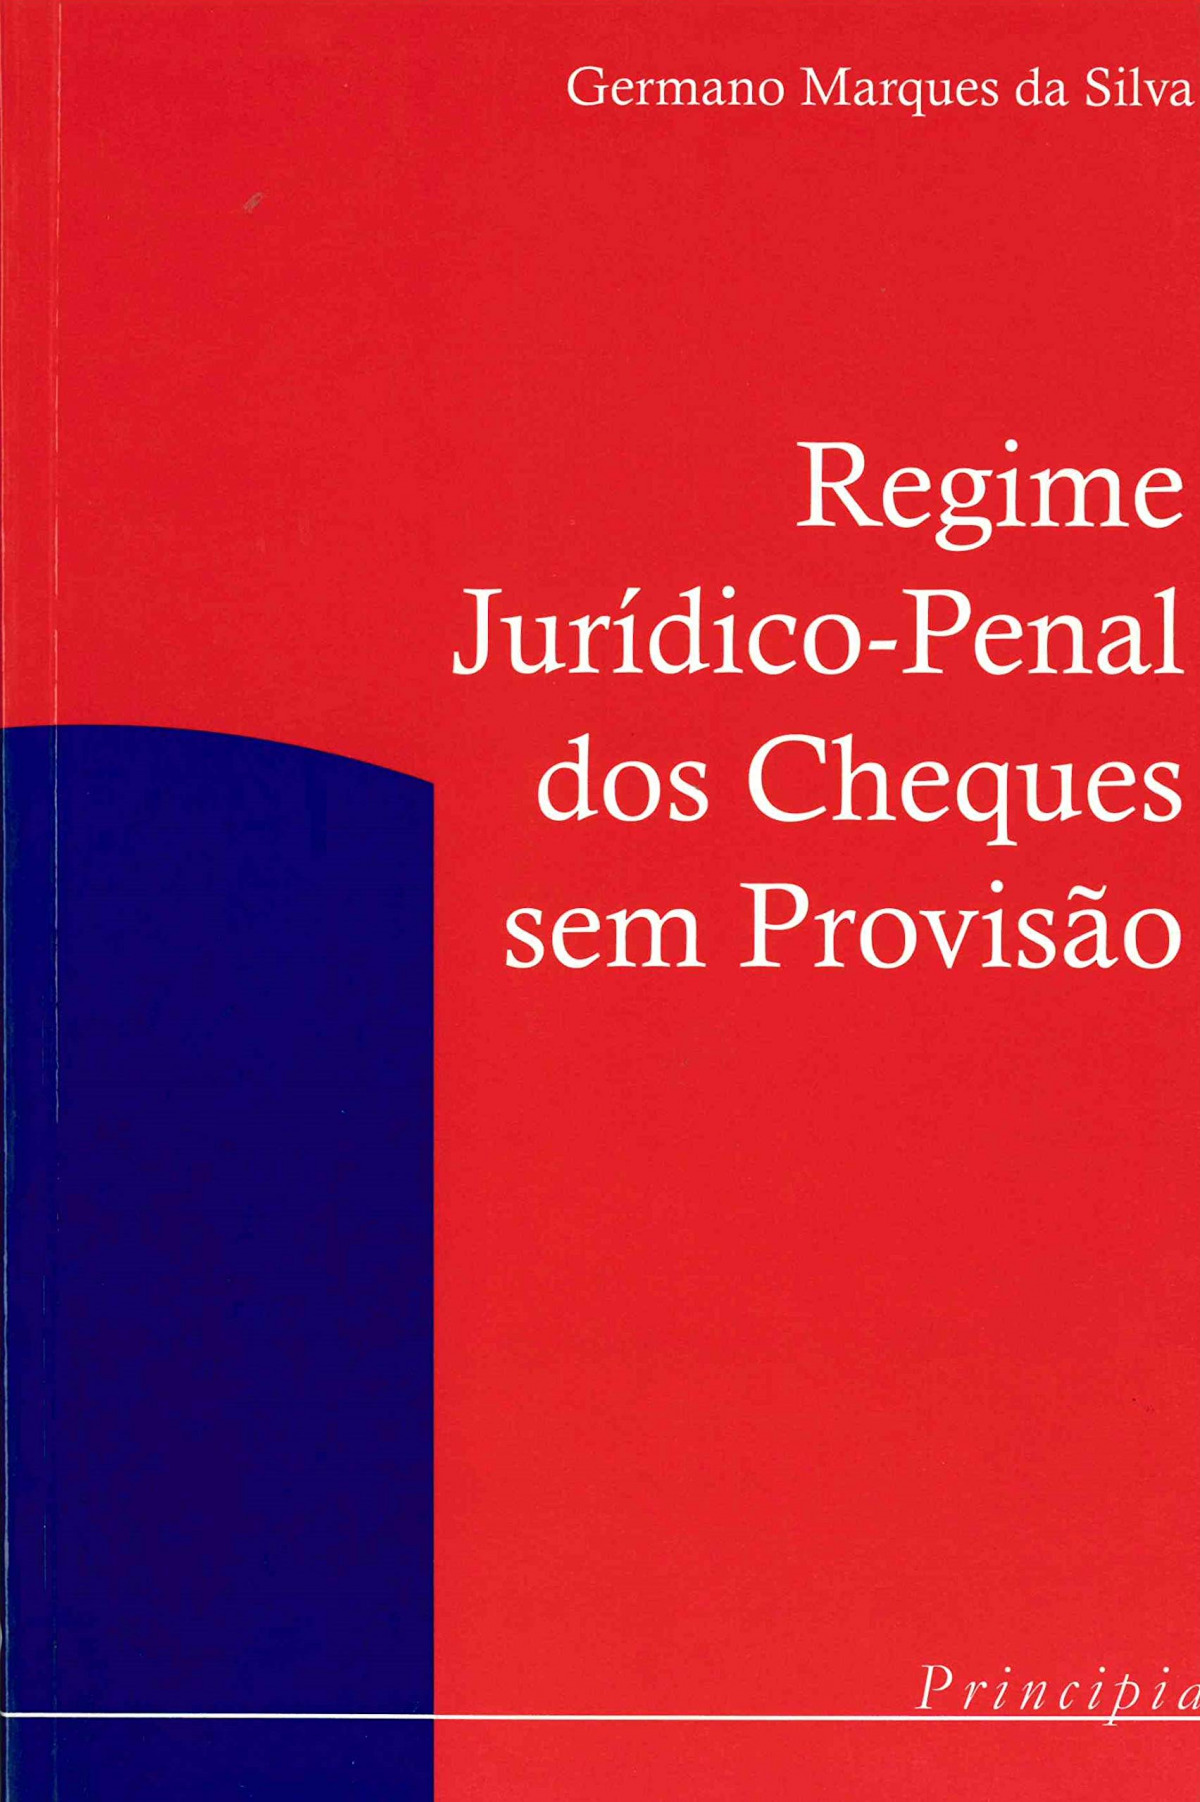 Regime Juridico-Penal do Cheque sem Provisão 9789729745737